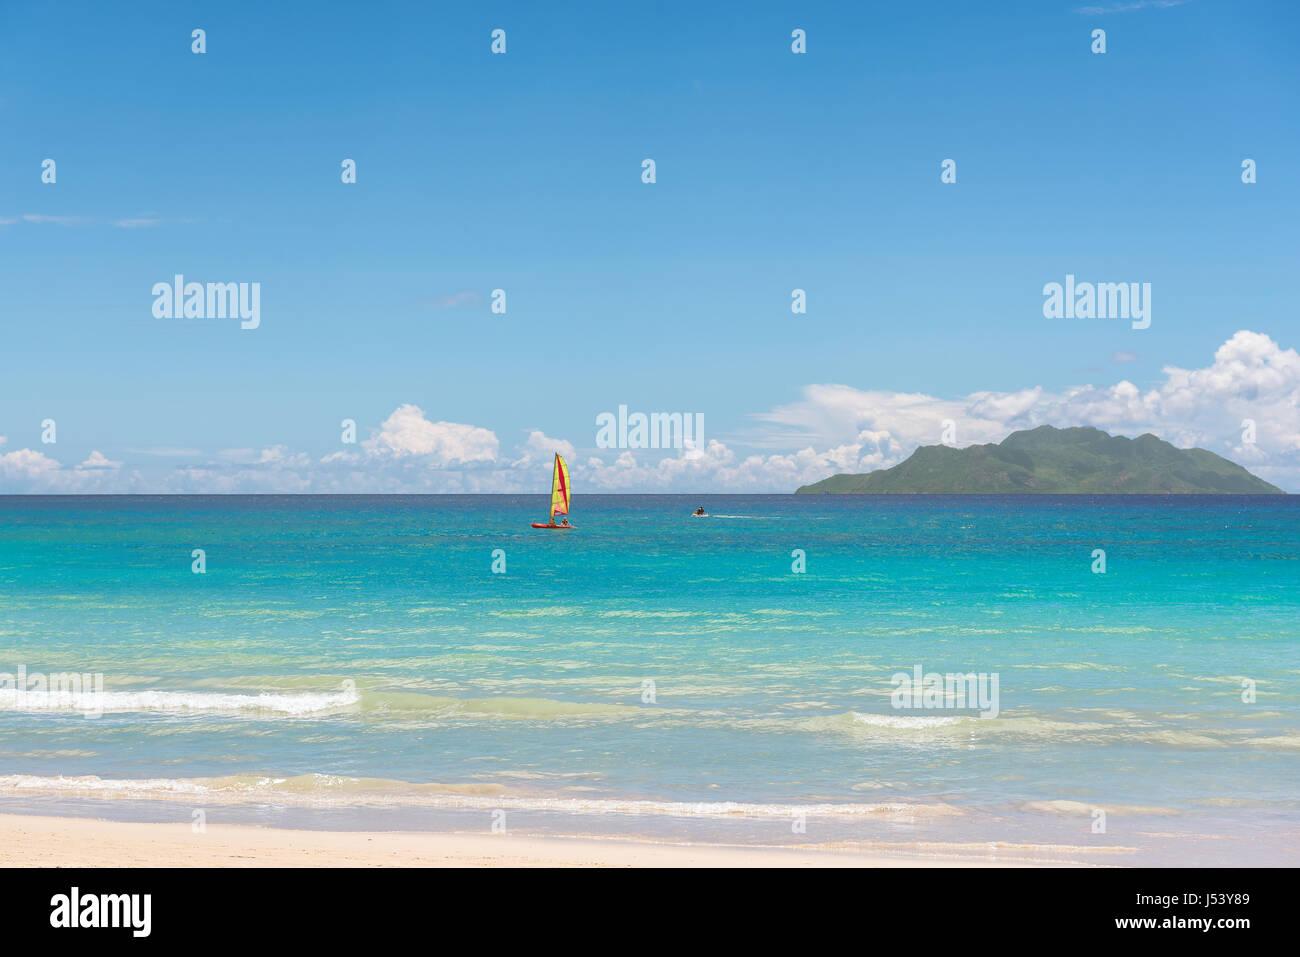 Tropical beach, bateau à voile et l'île dans l'océan. Photo Stock